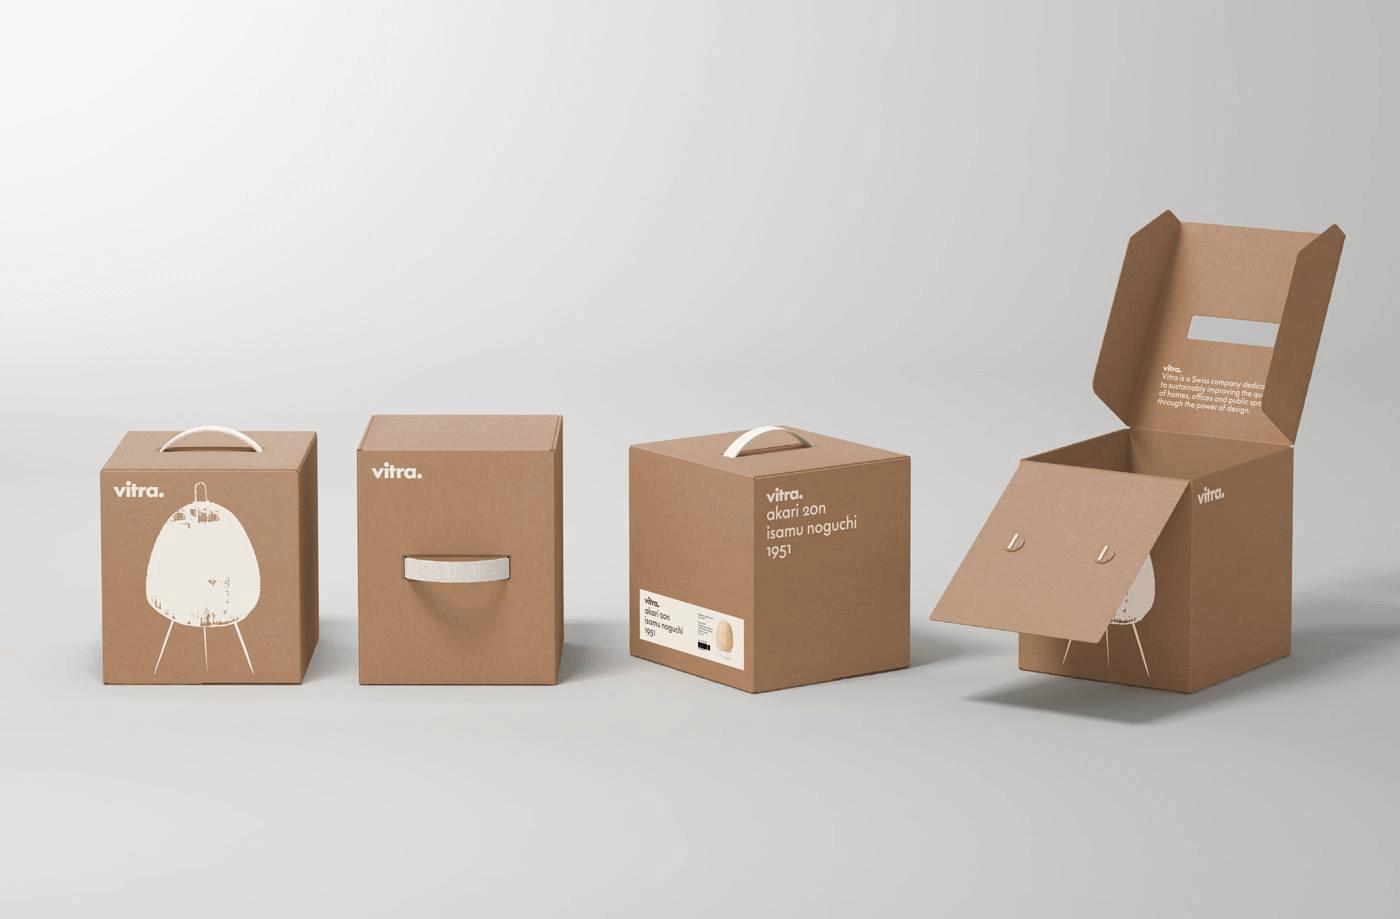 In offset là gì? Các loại giấy thường sử dụng để in hộp giấy